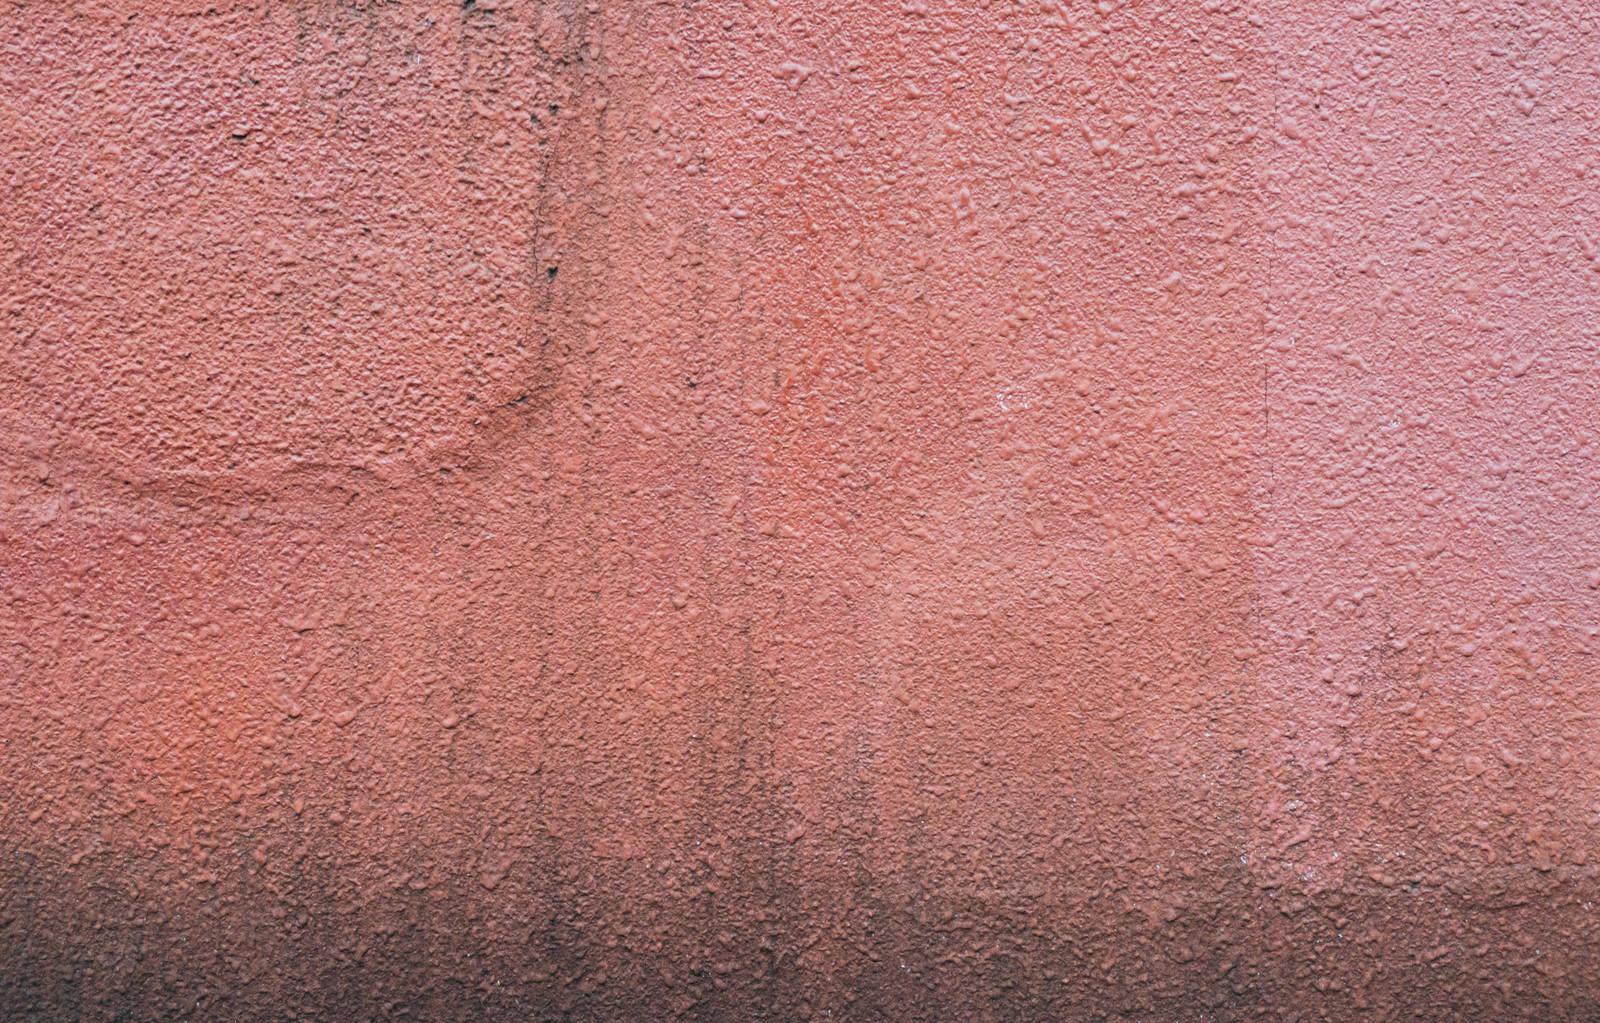 「外壁の汚れ(テクスチャー)」の写真